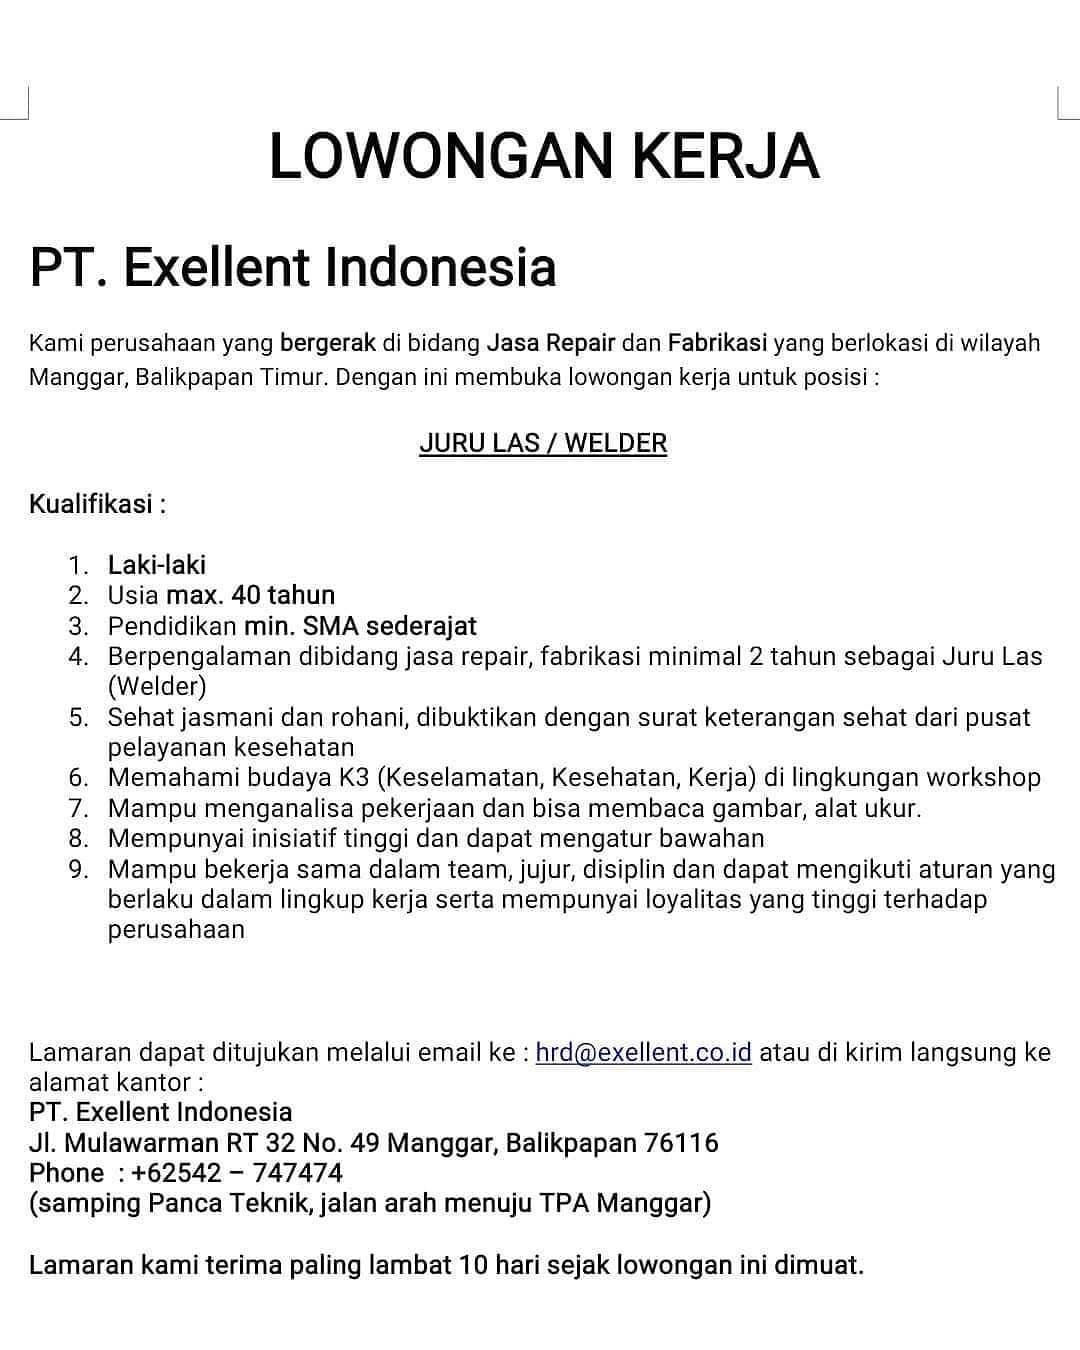 PT. Exellent Indonesia